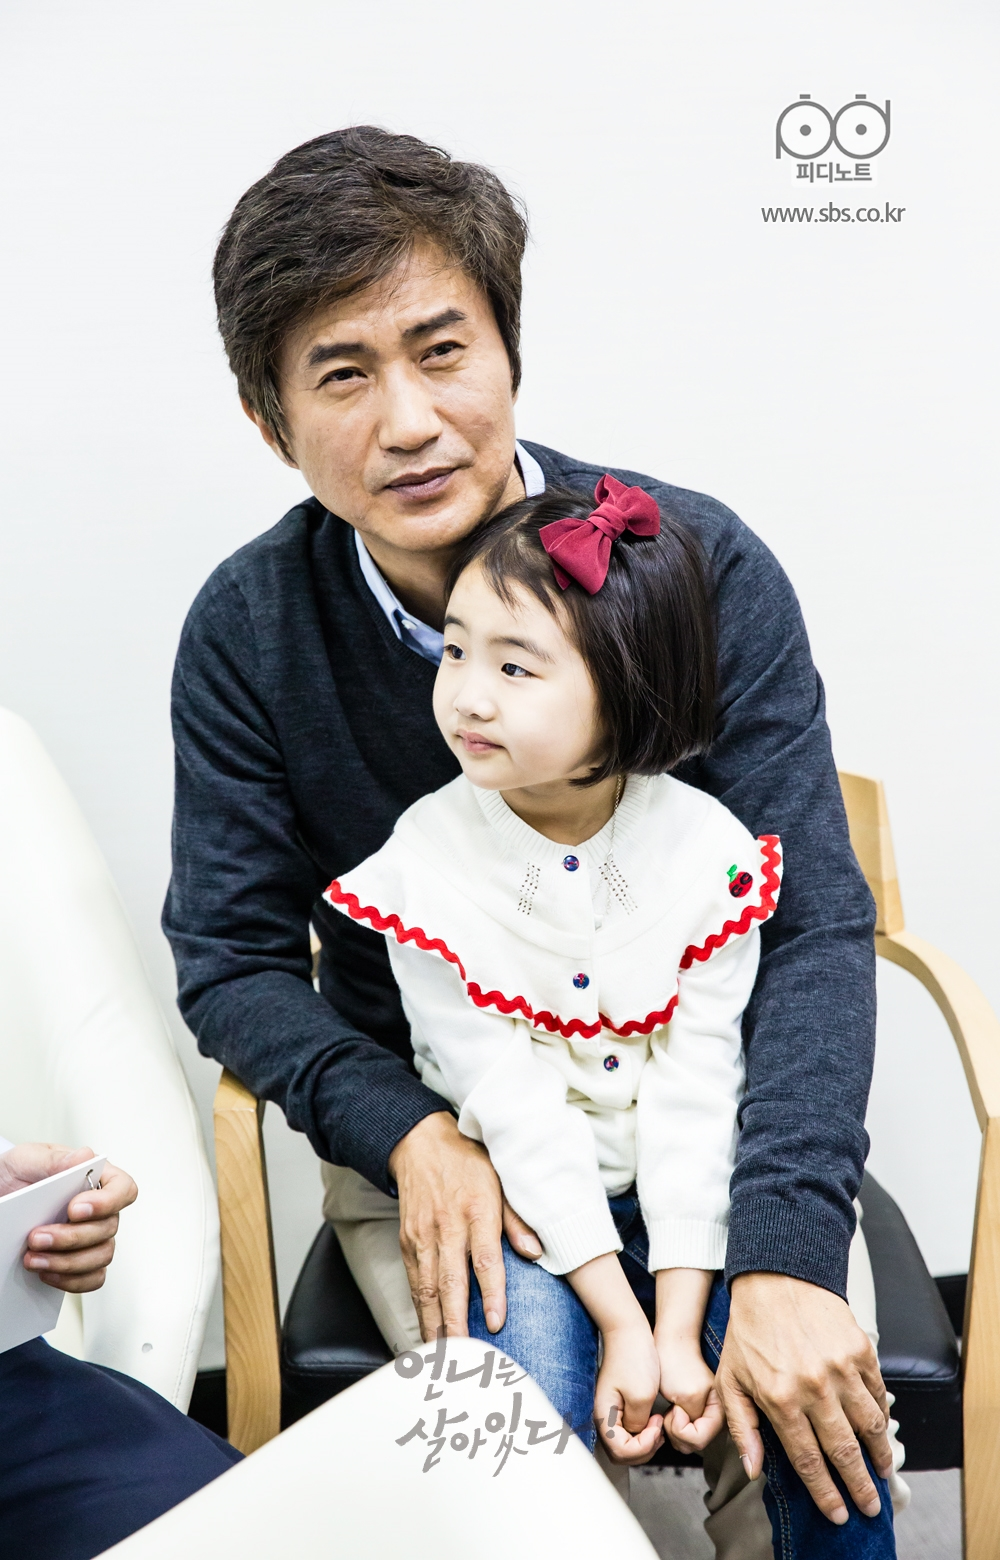 홍시(오아린 분)를 무릎 위에 앉히고 안고 있는 대인(안내상 분)